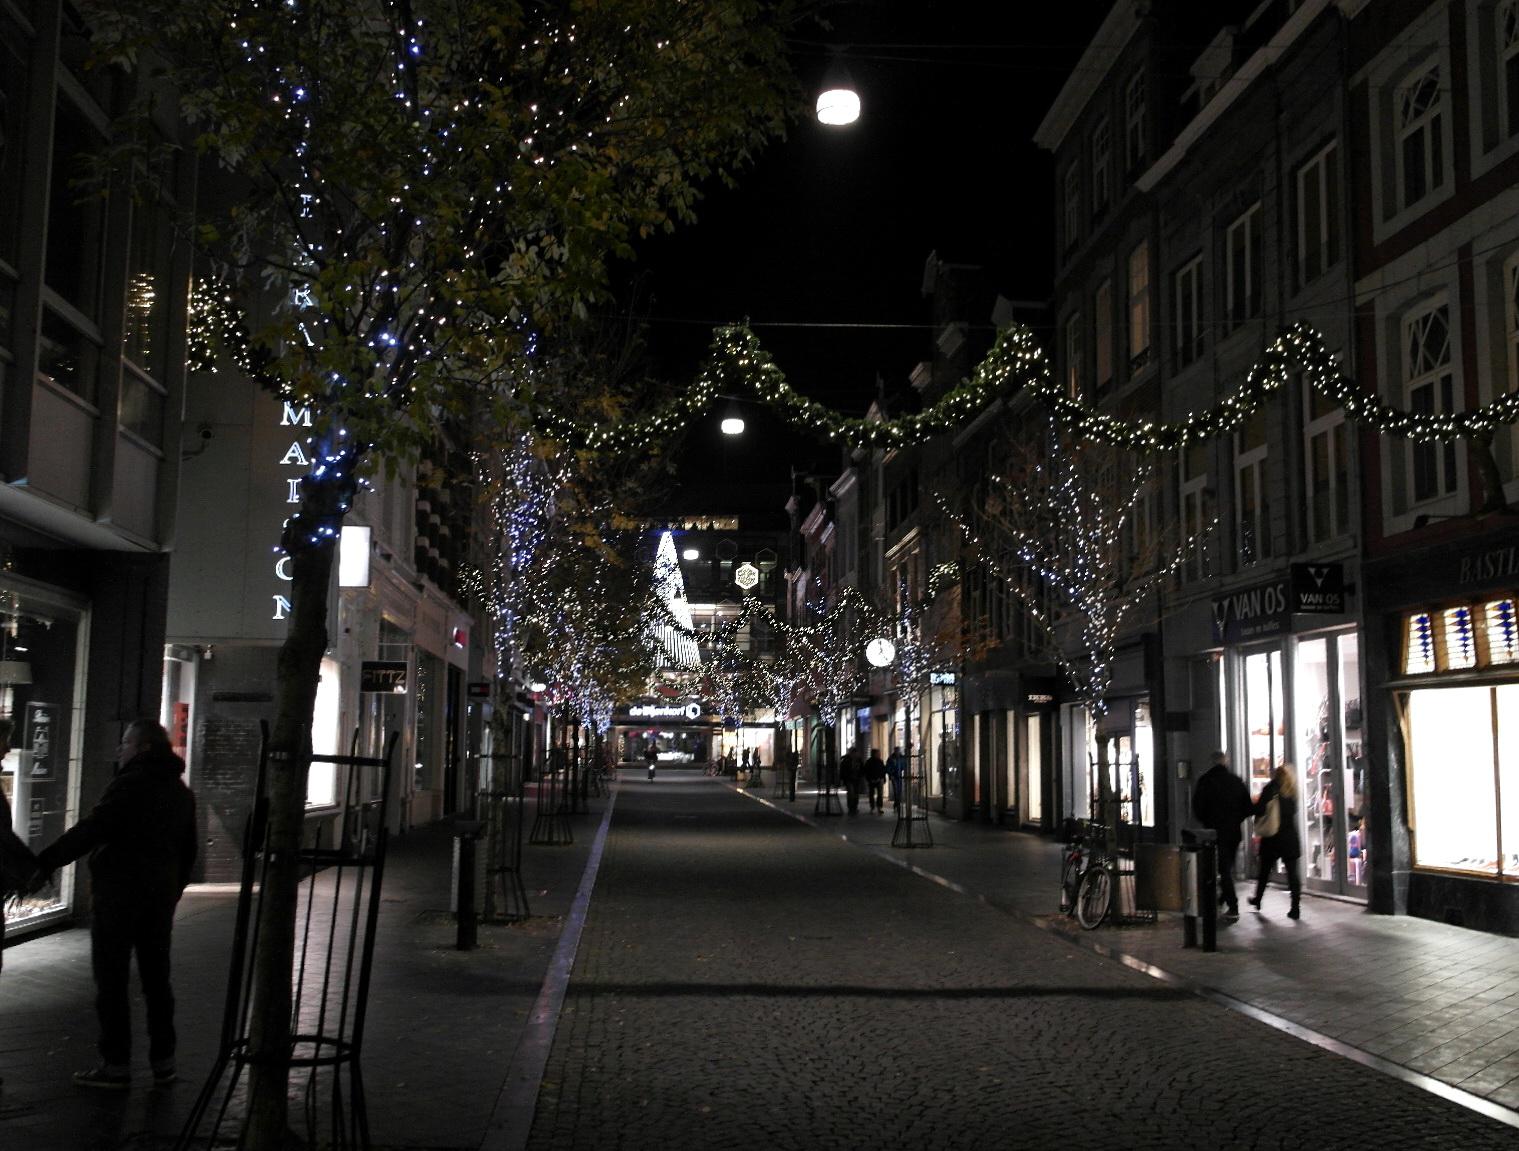 filemaastricht kerstverlichting 2014 maastrichter brugstraat01jpg